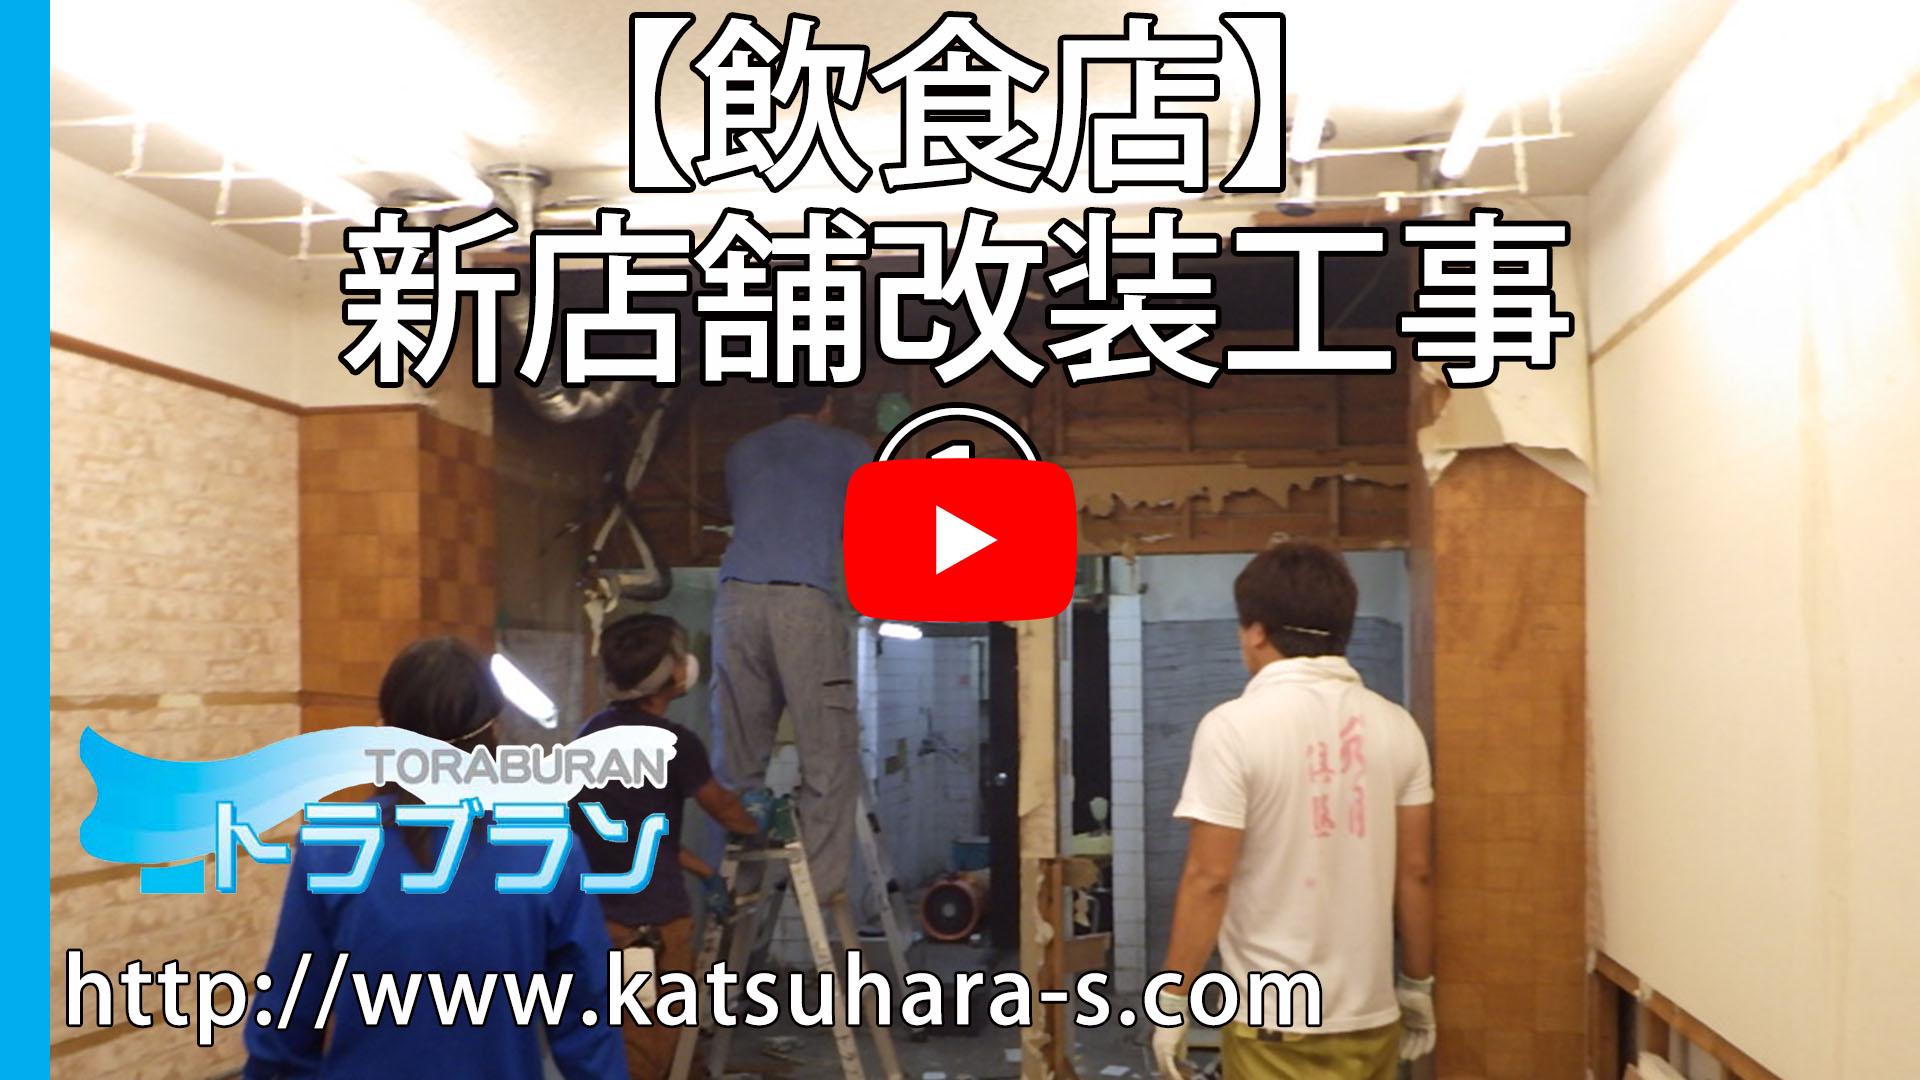 【飲食店】新店舗改装工事①のサムネイル